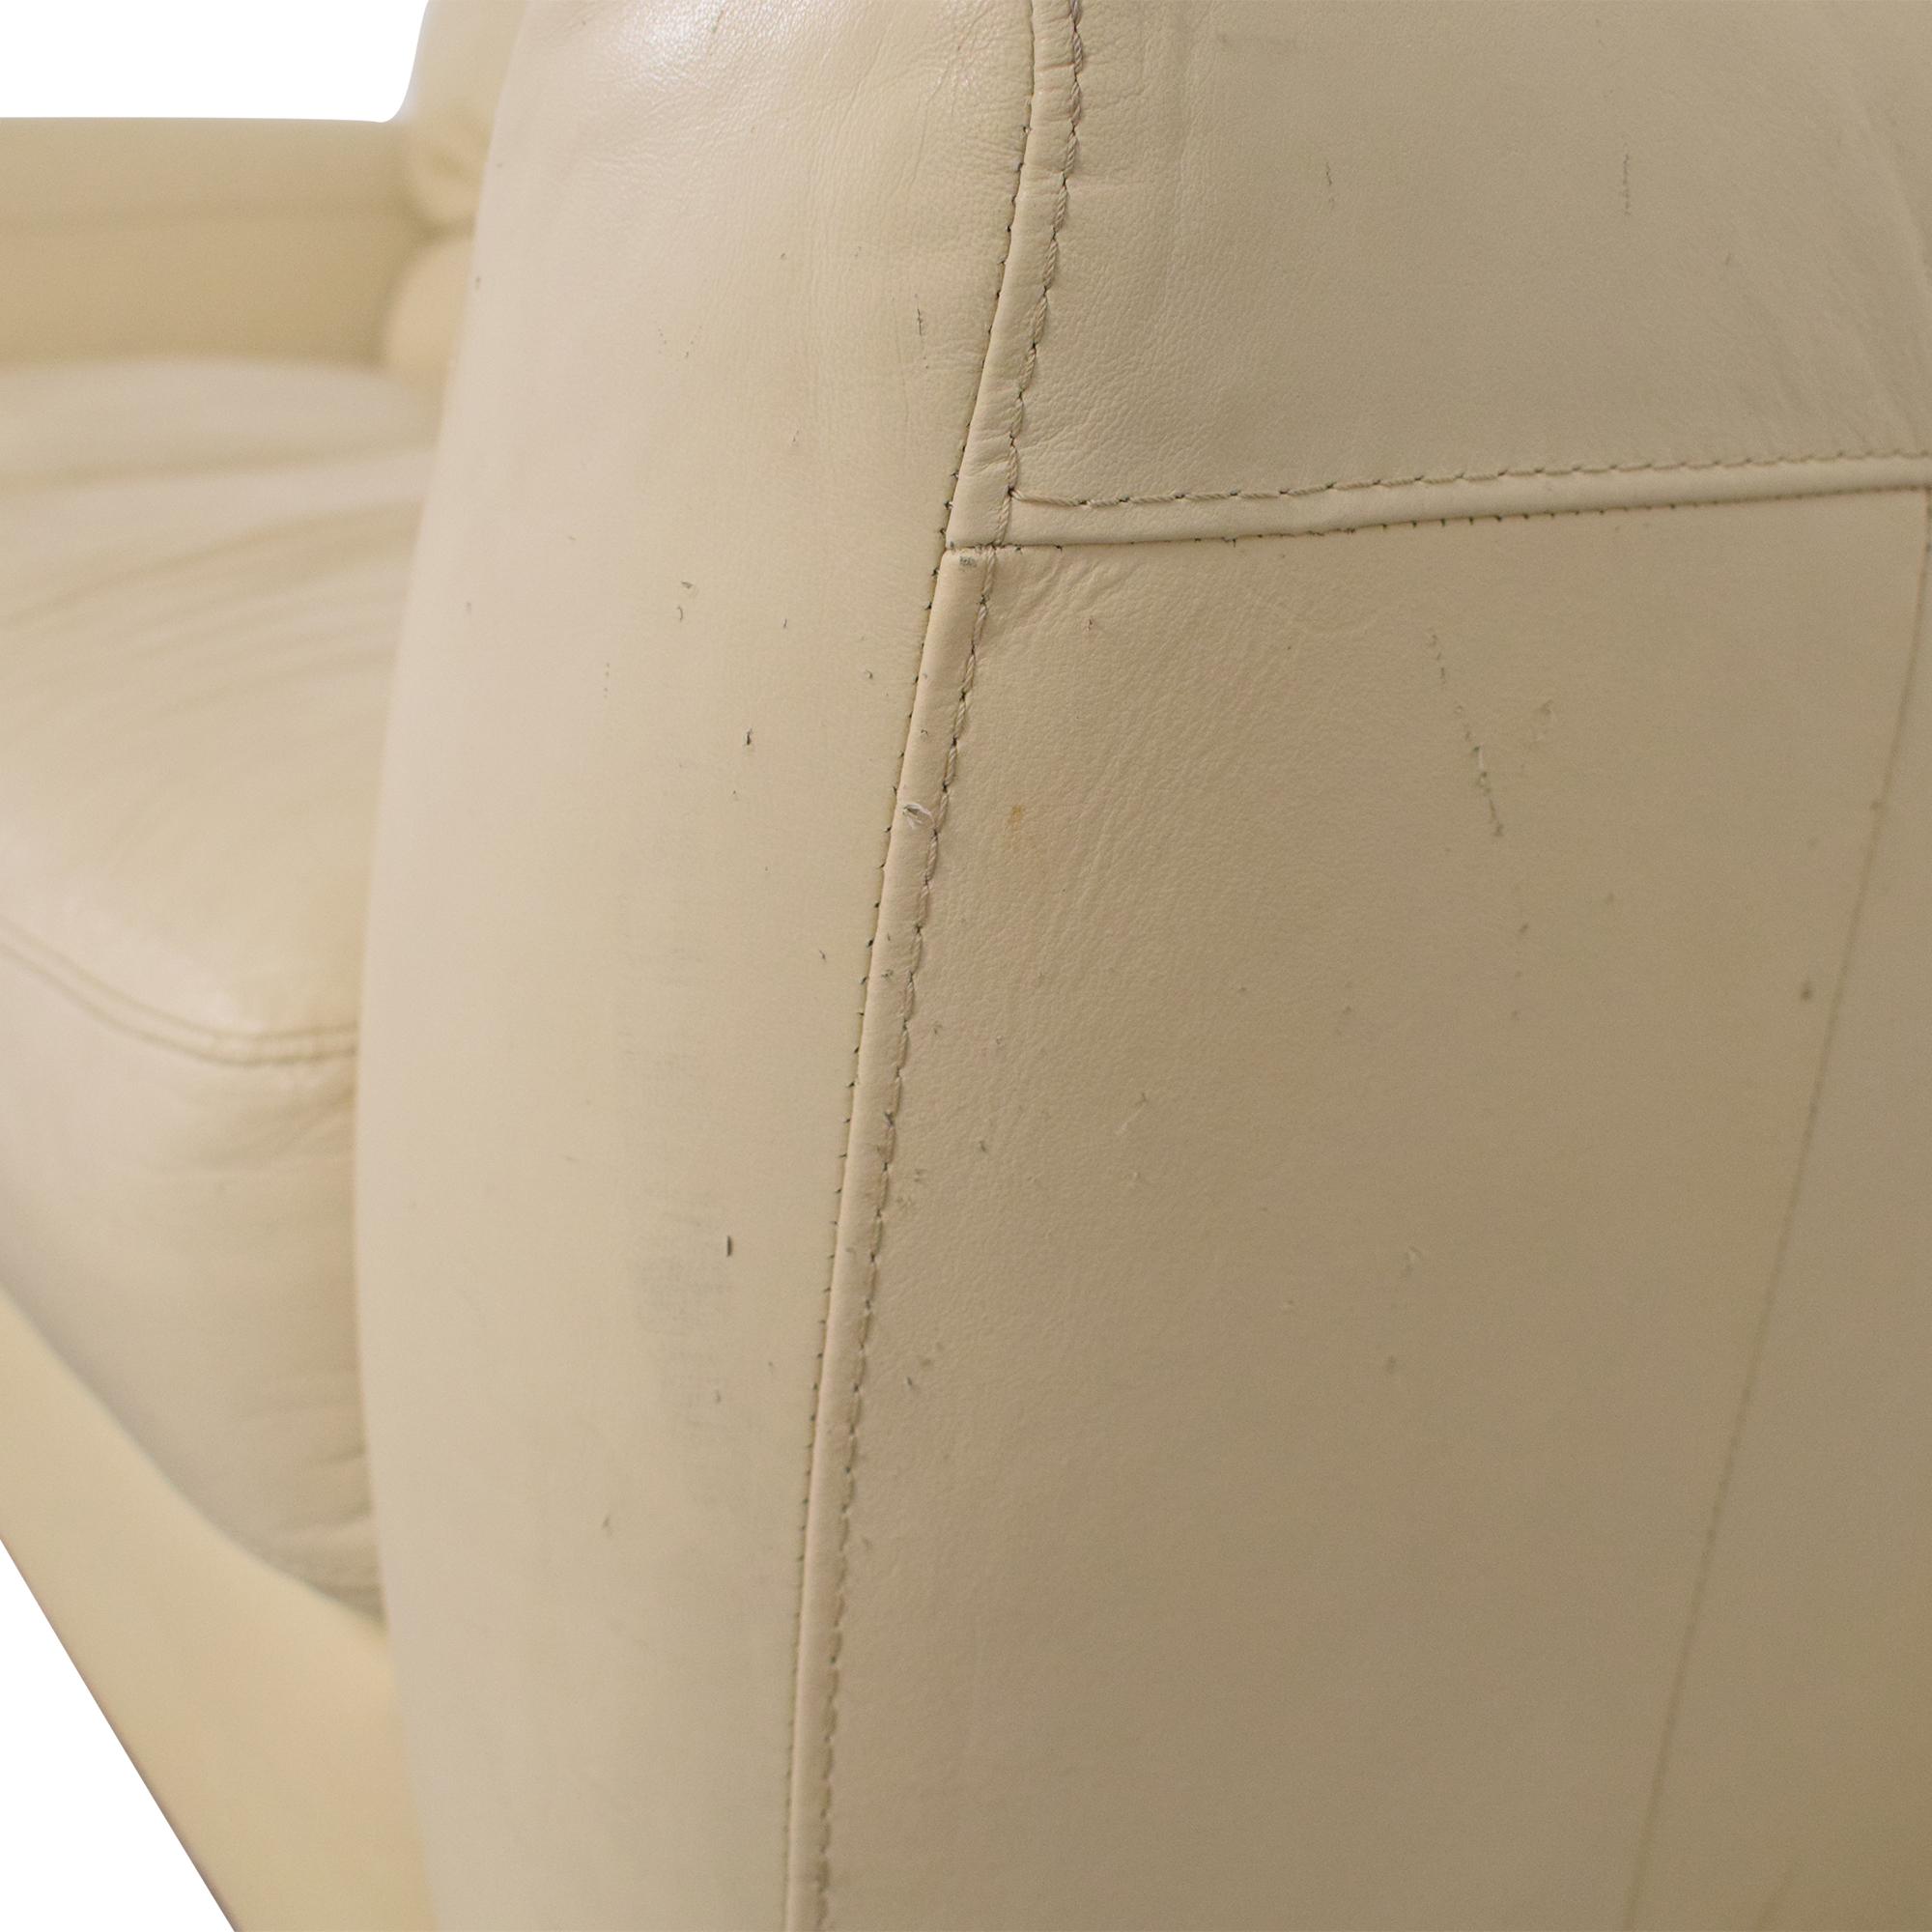 Macy's Macy's Italsofa Two Cushion Sofa used